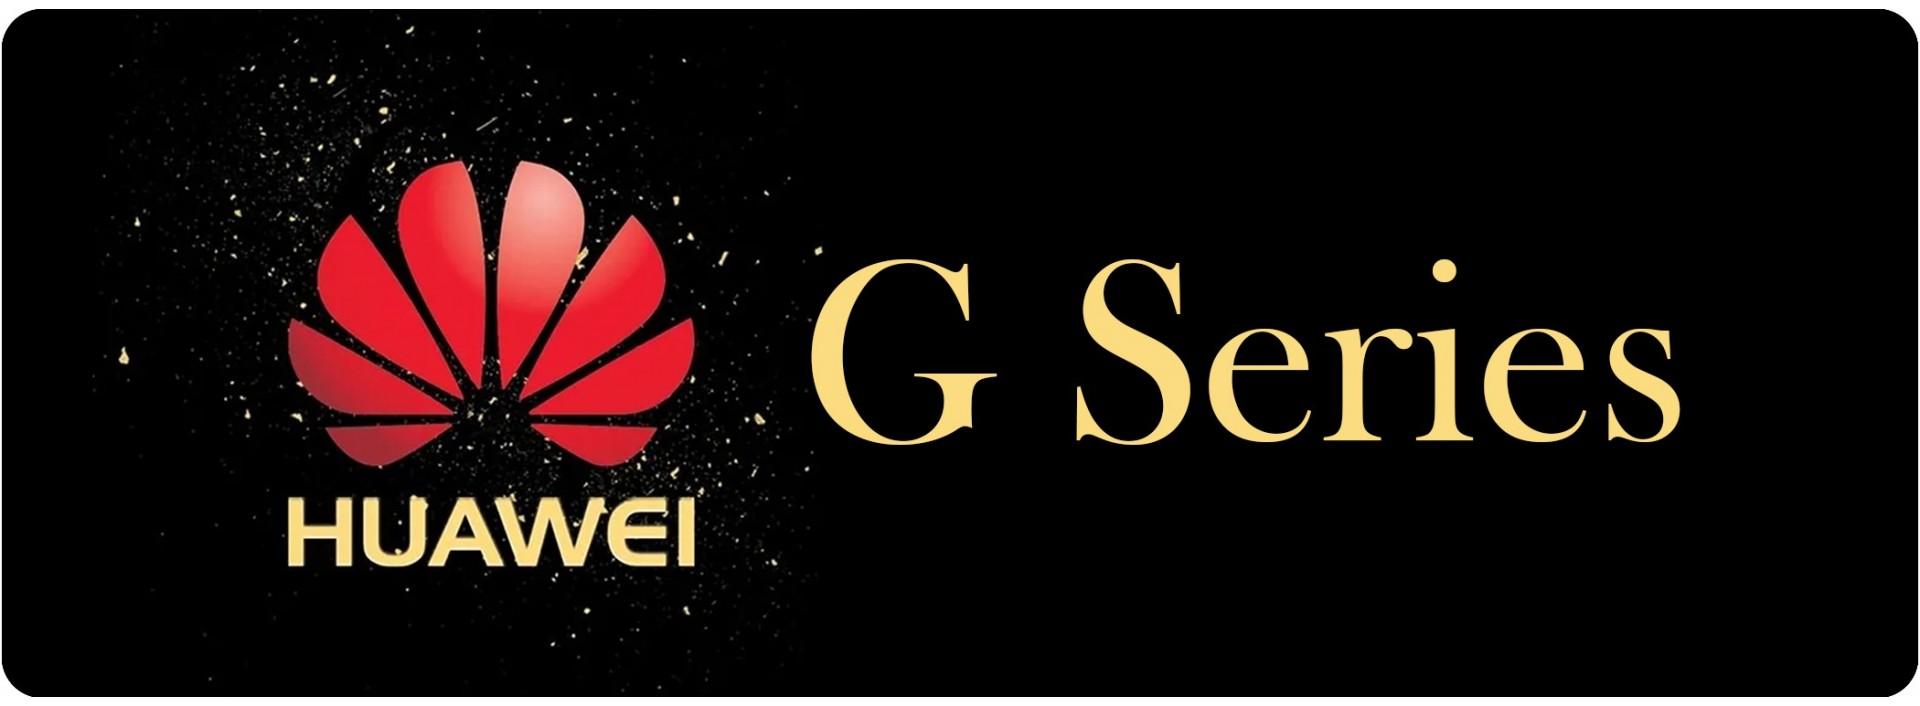 Fundas para Huawei G Series